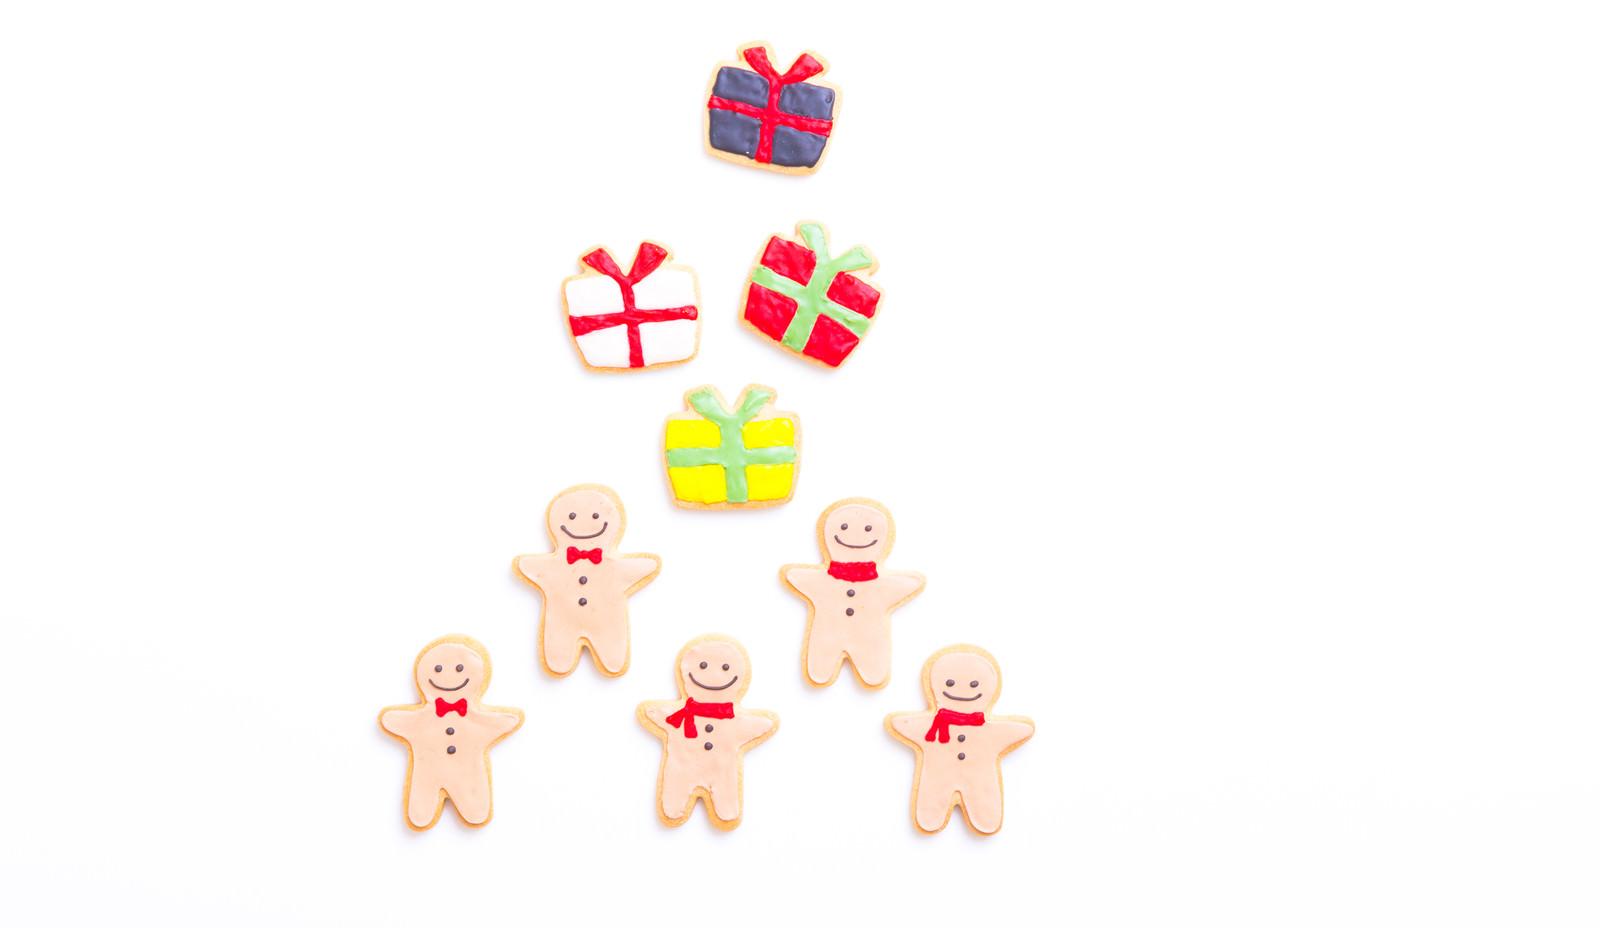 「プレゼント交換(アイシングクッキー)」の写真